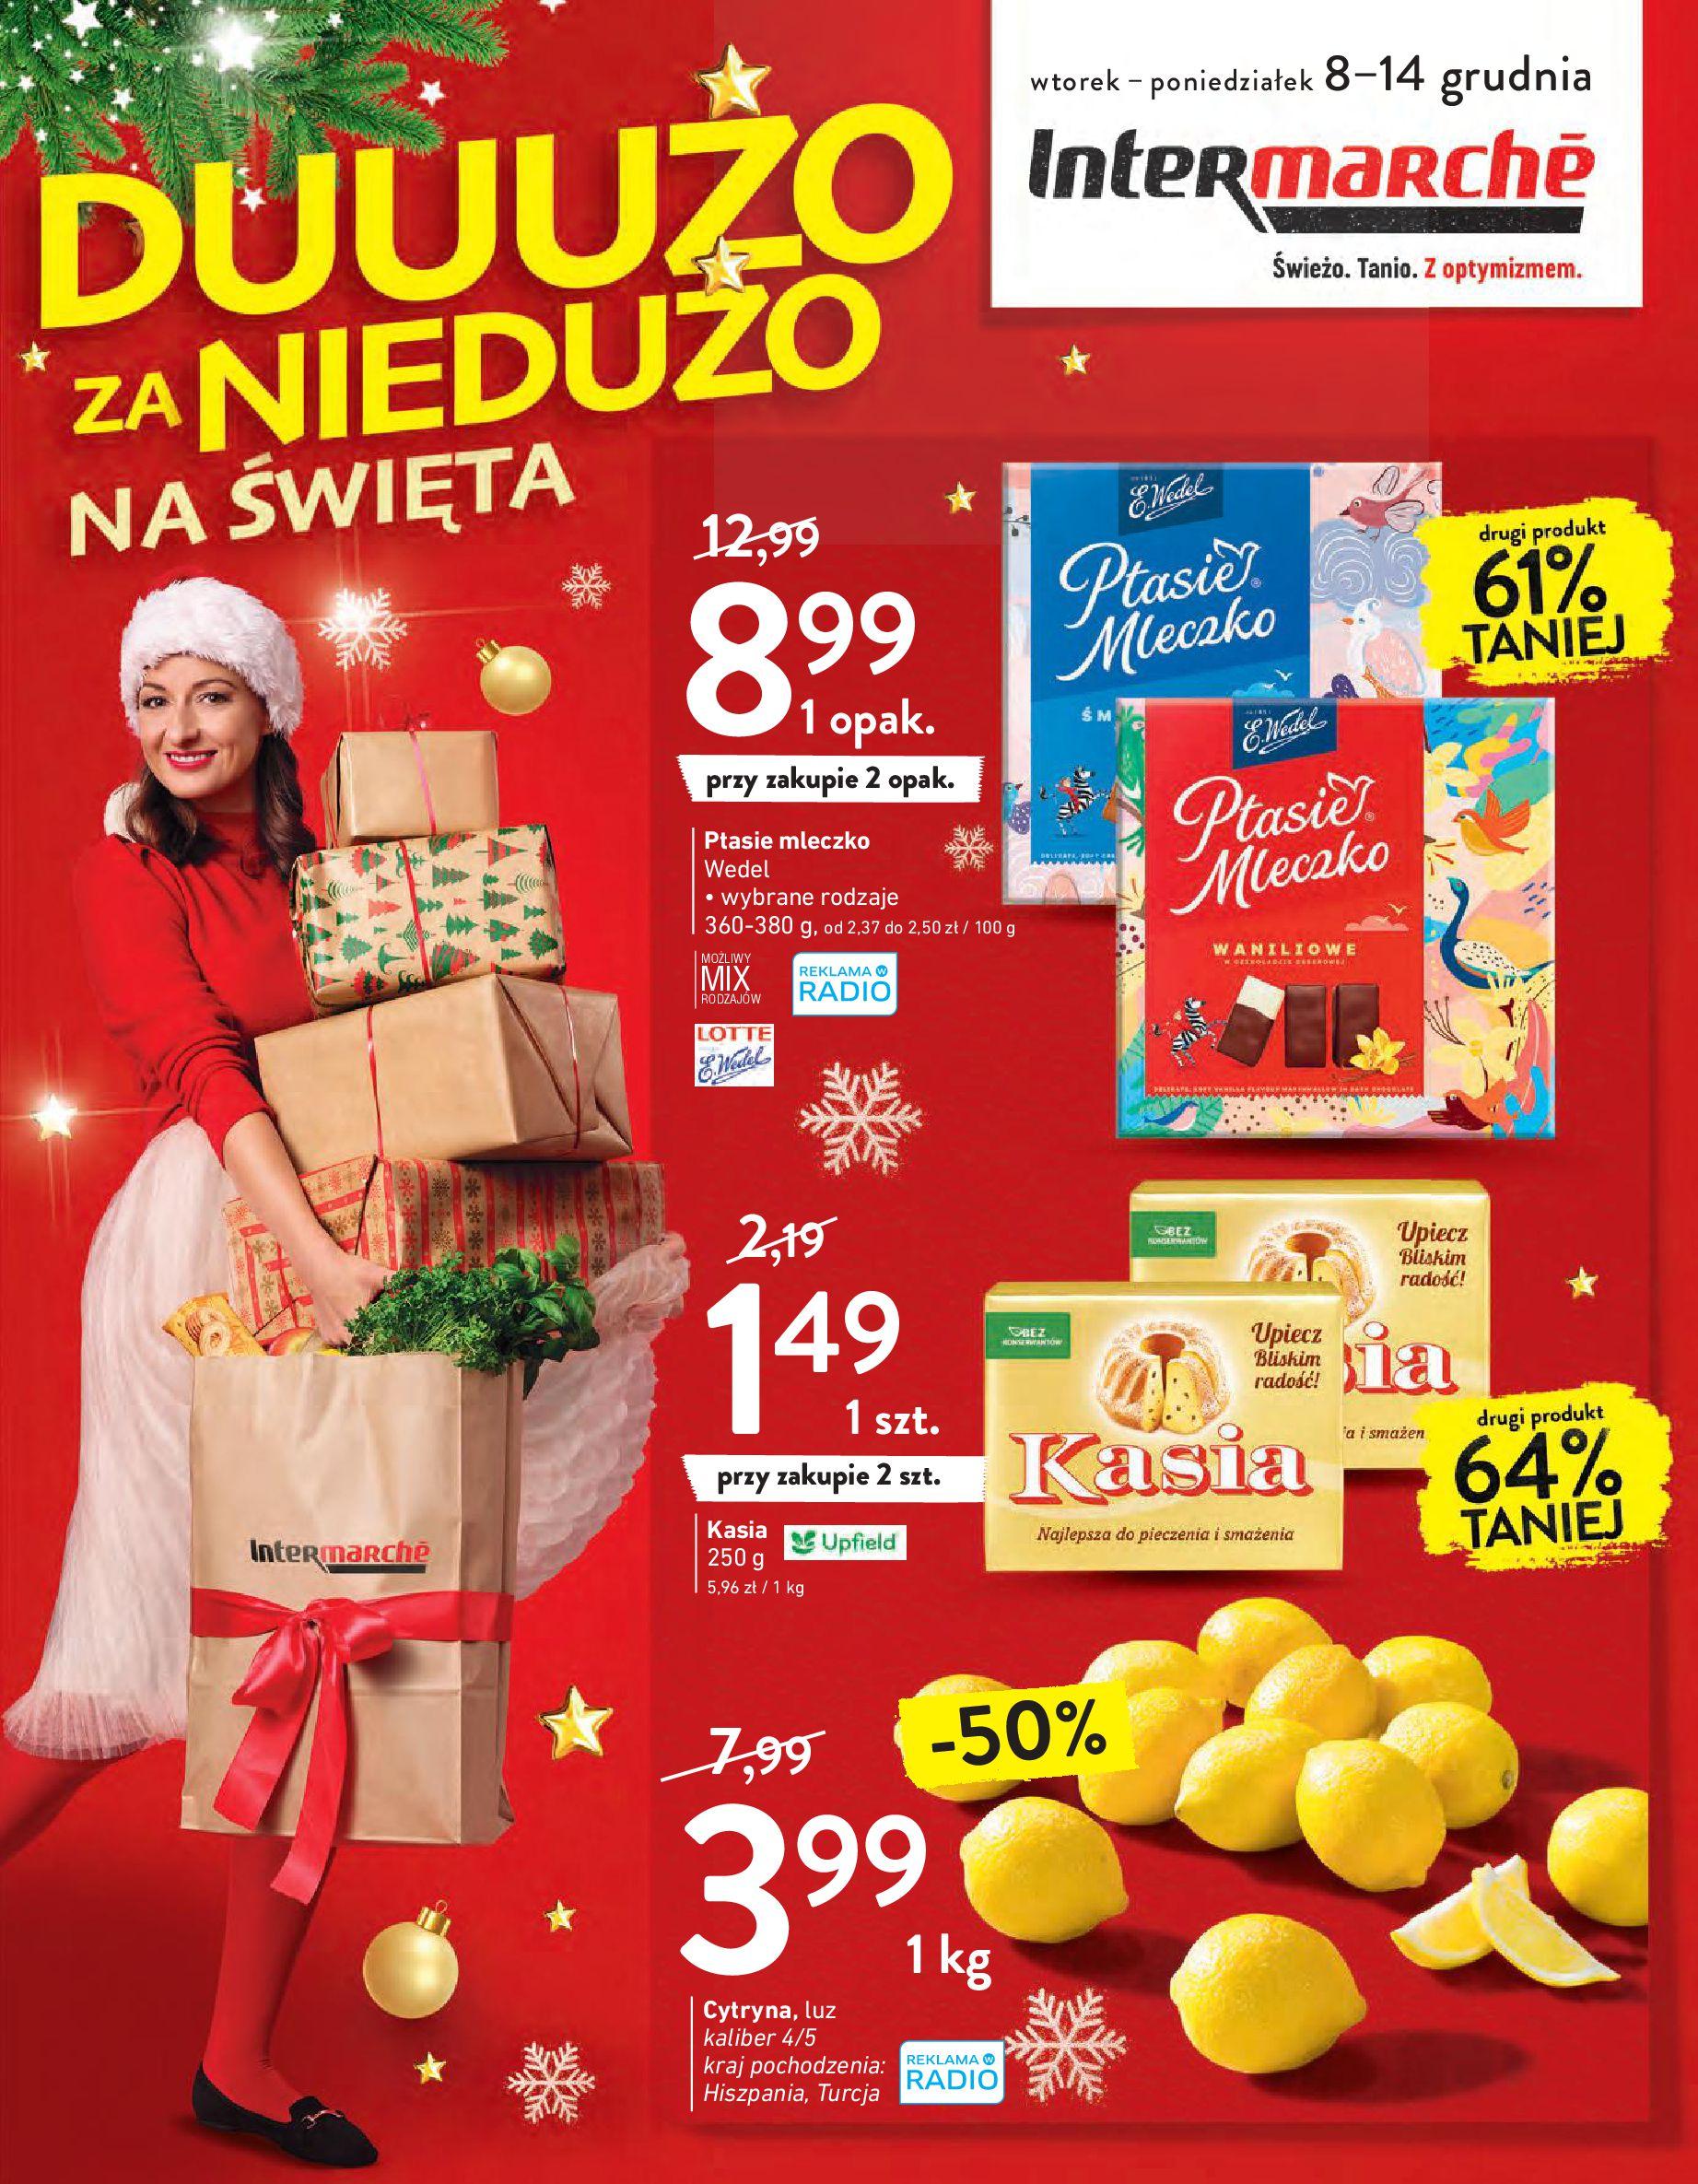 Intermarché:  Gazetka promocyjna od 08.12 07.12.2020